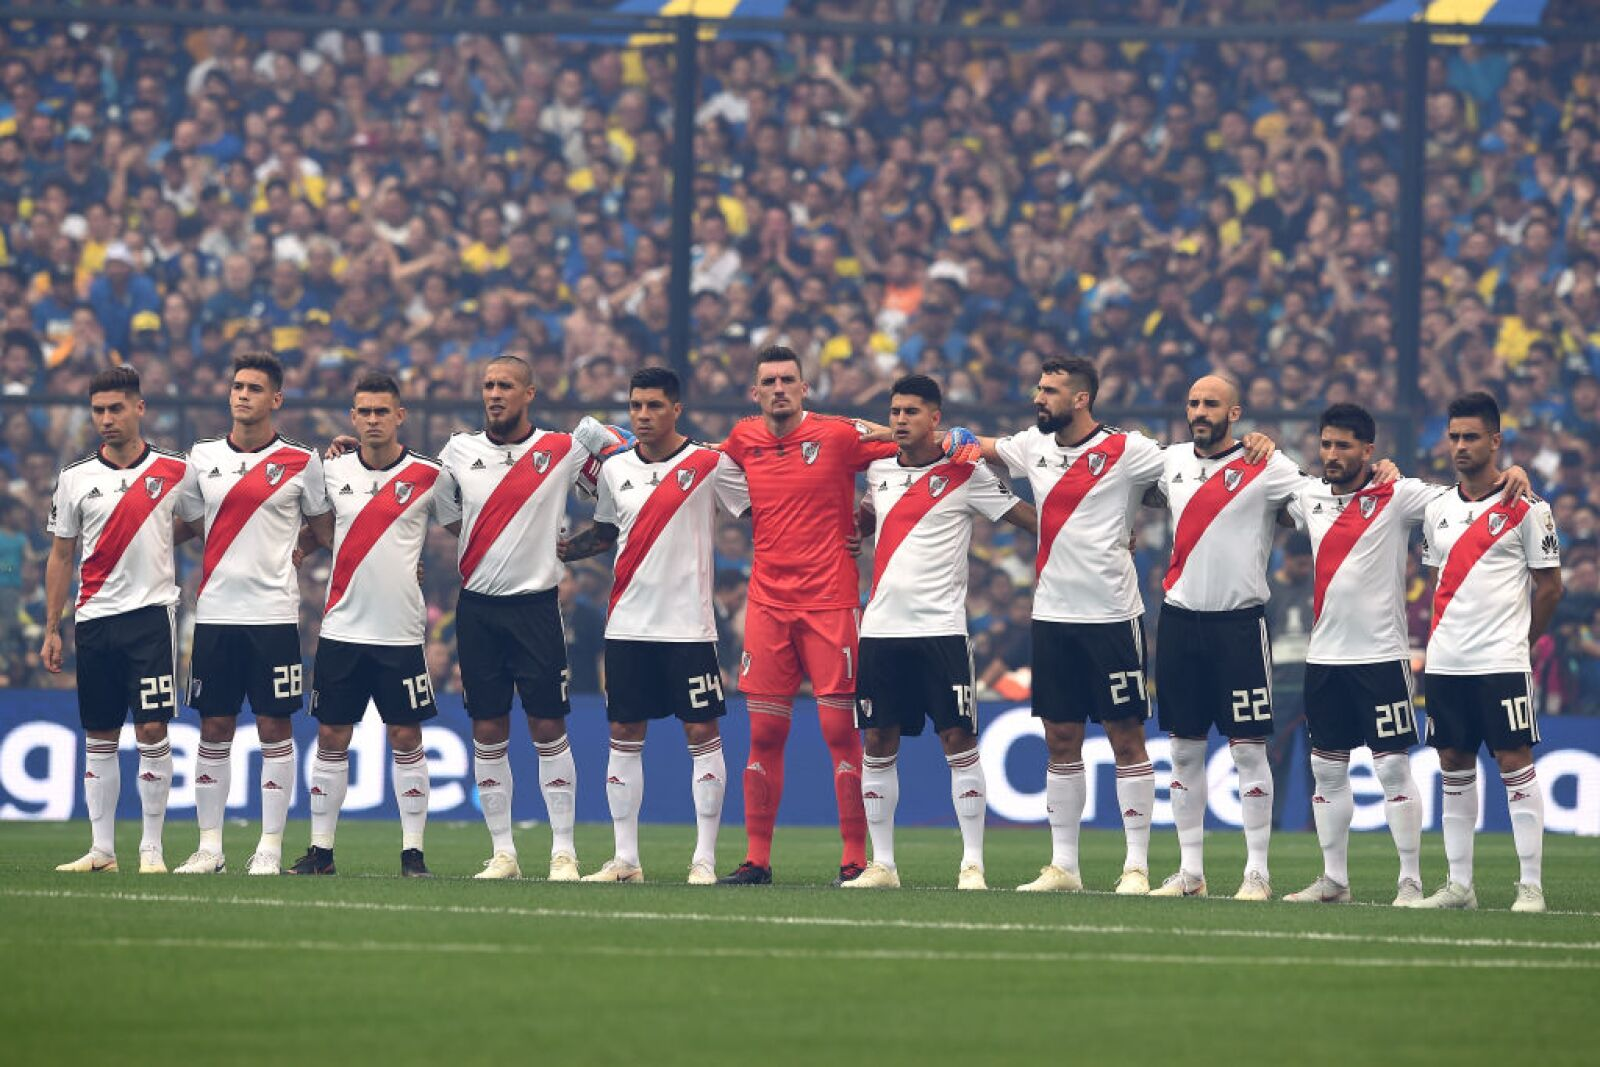 Afición de Boca Juniors y River Plate